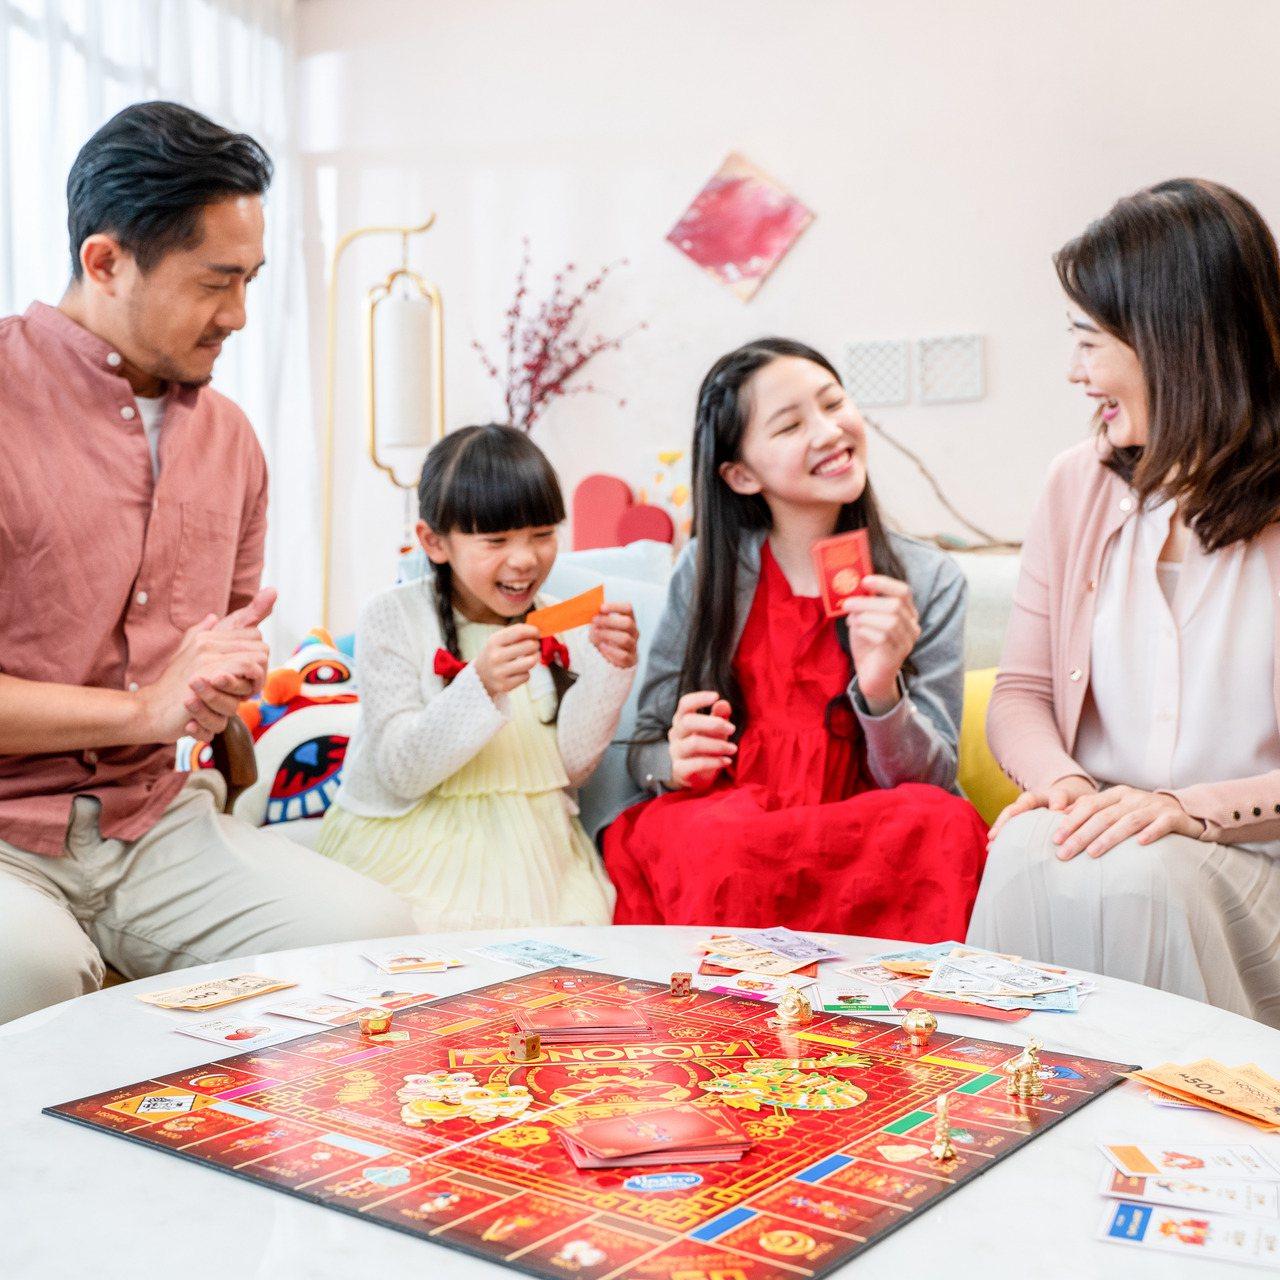 闔家團聚玩桌遊,是老少咸宜的活動。圖/孩之寶提供